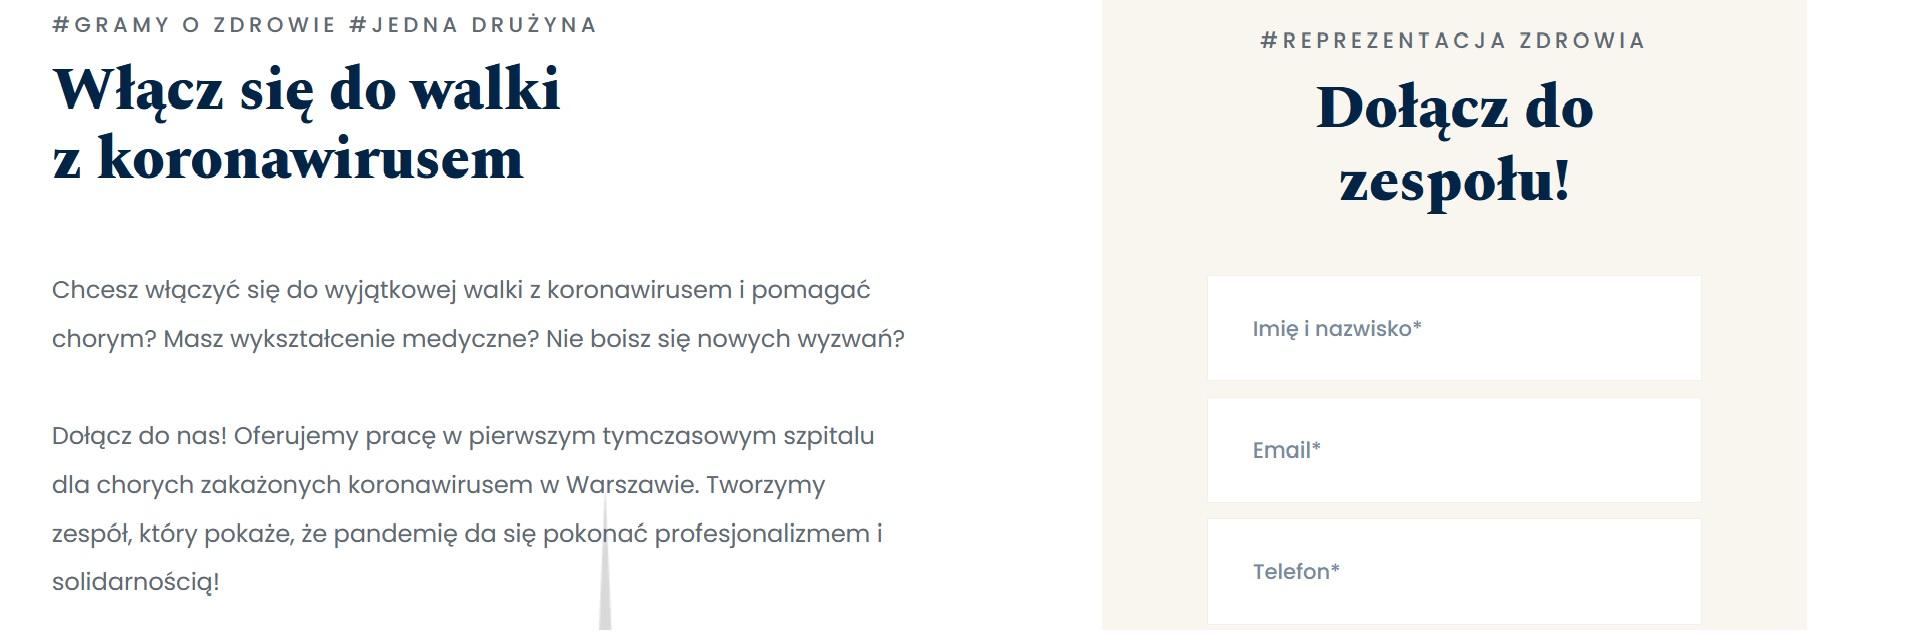 źródło: szpitalnarodowy.pl